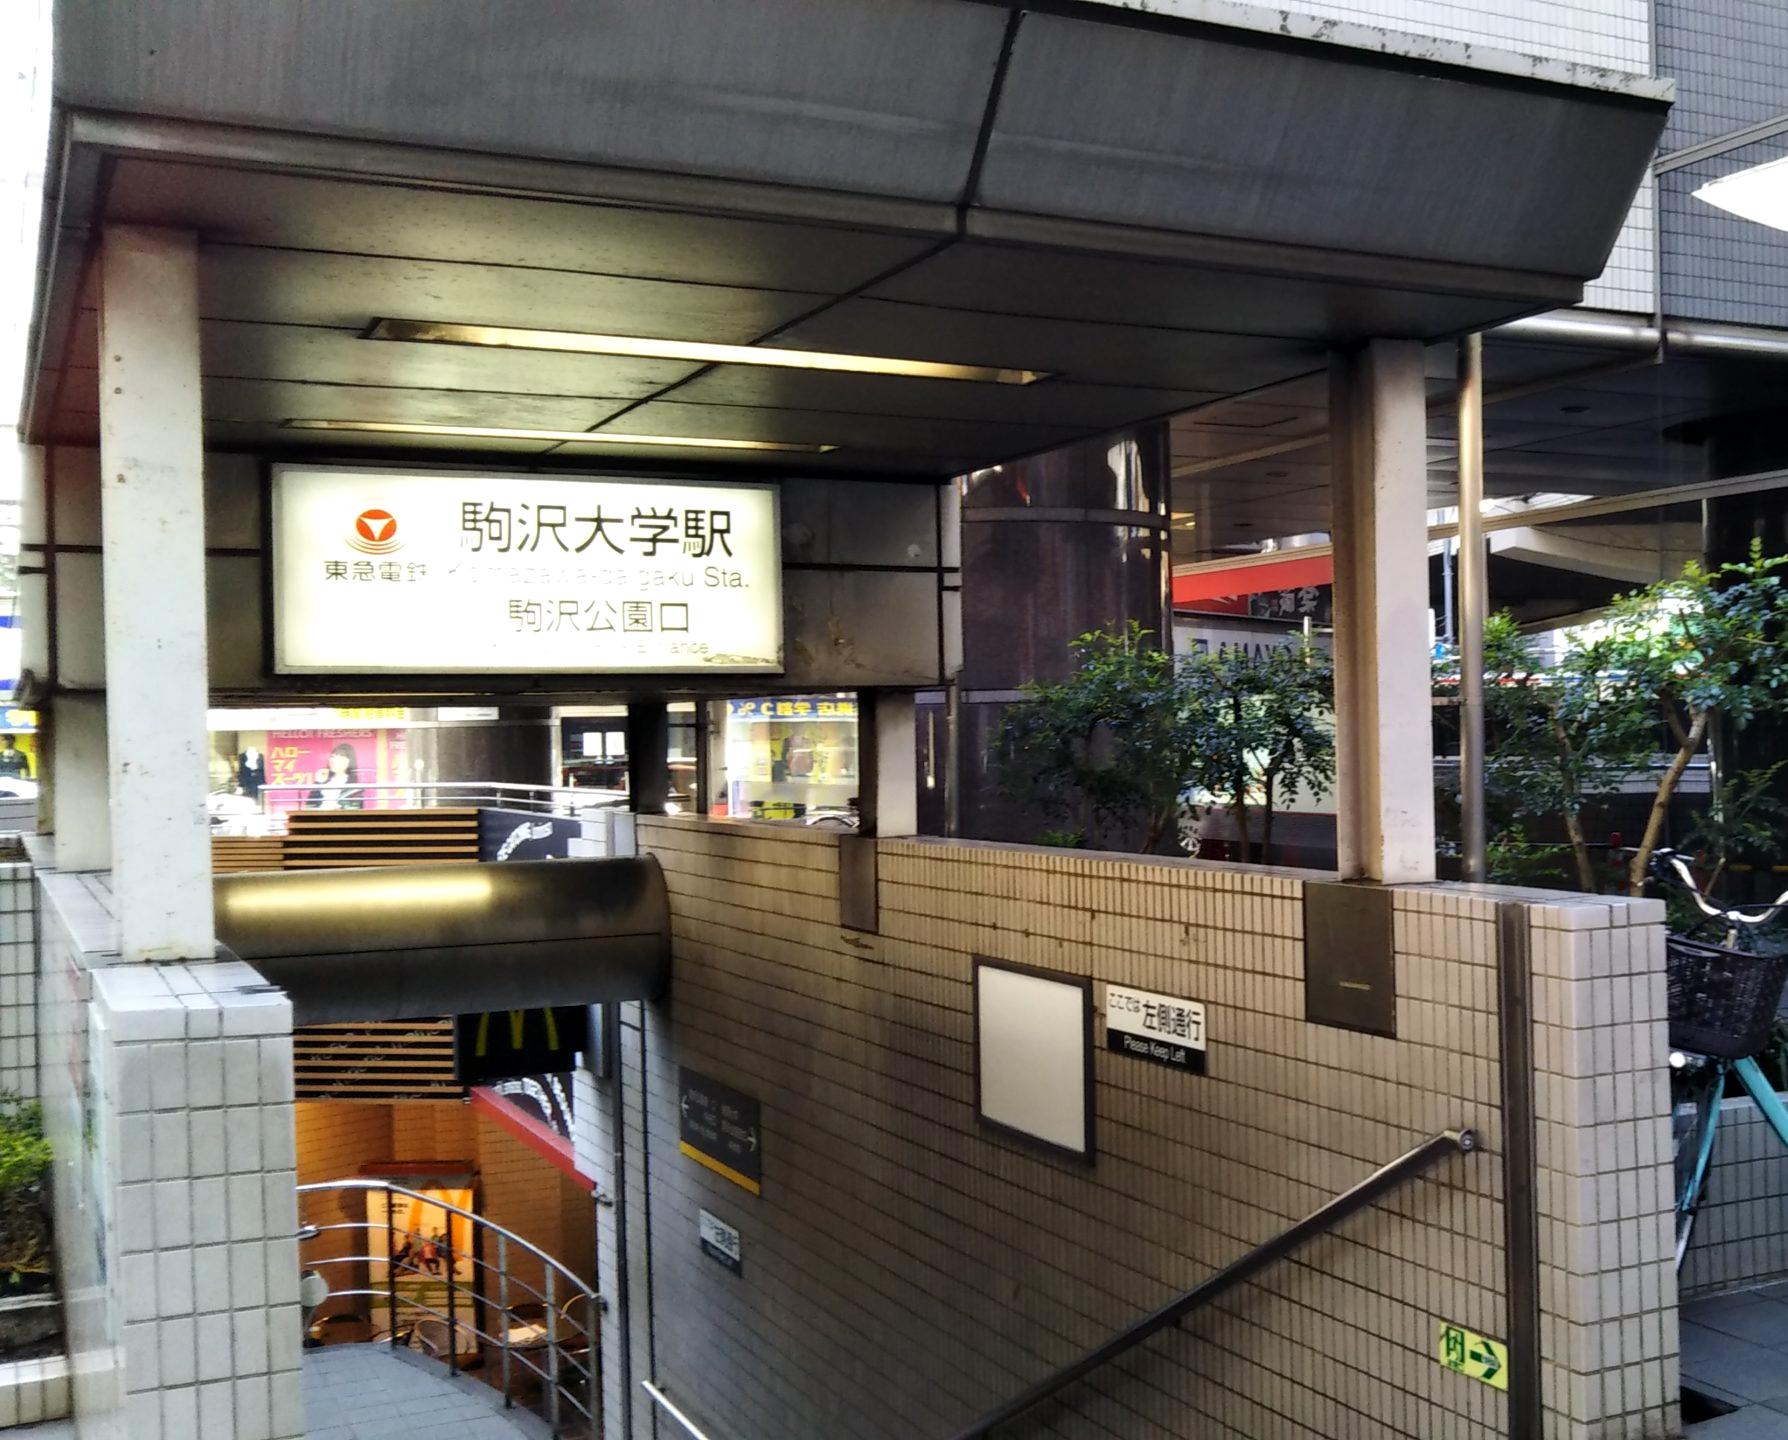 4. 駒沢大学 駒沢公園西口 出口